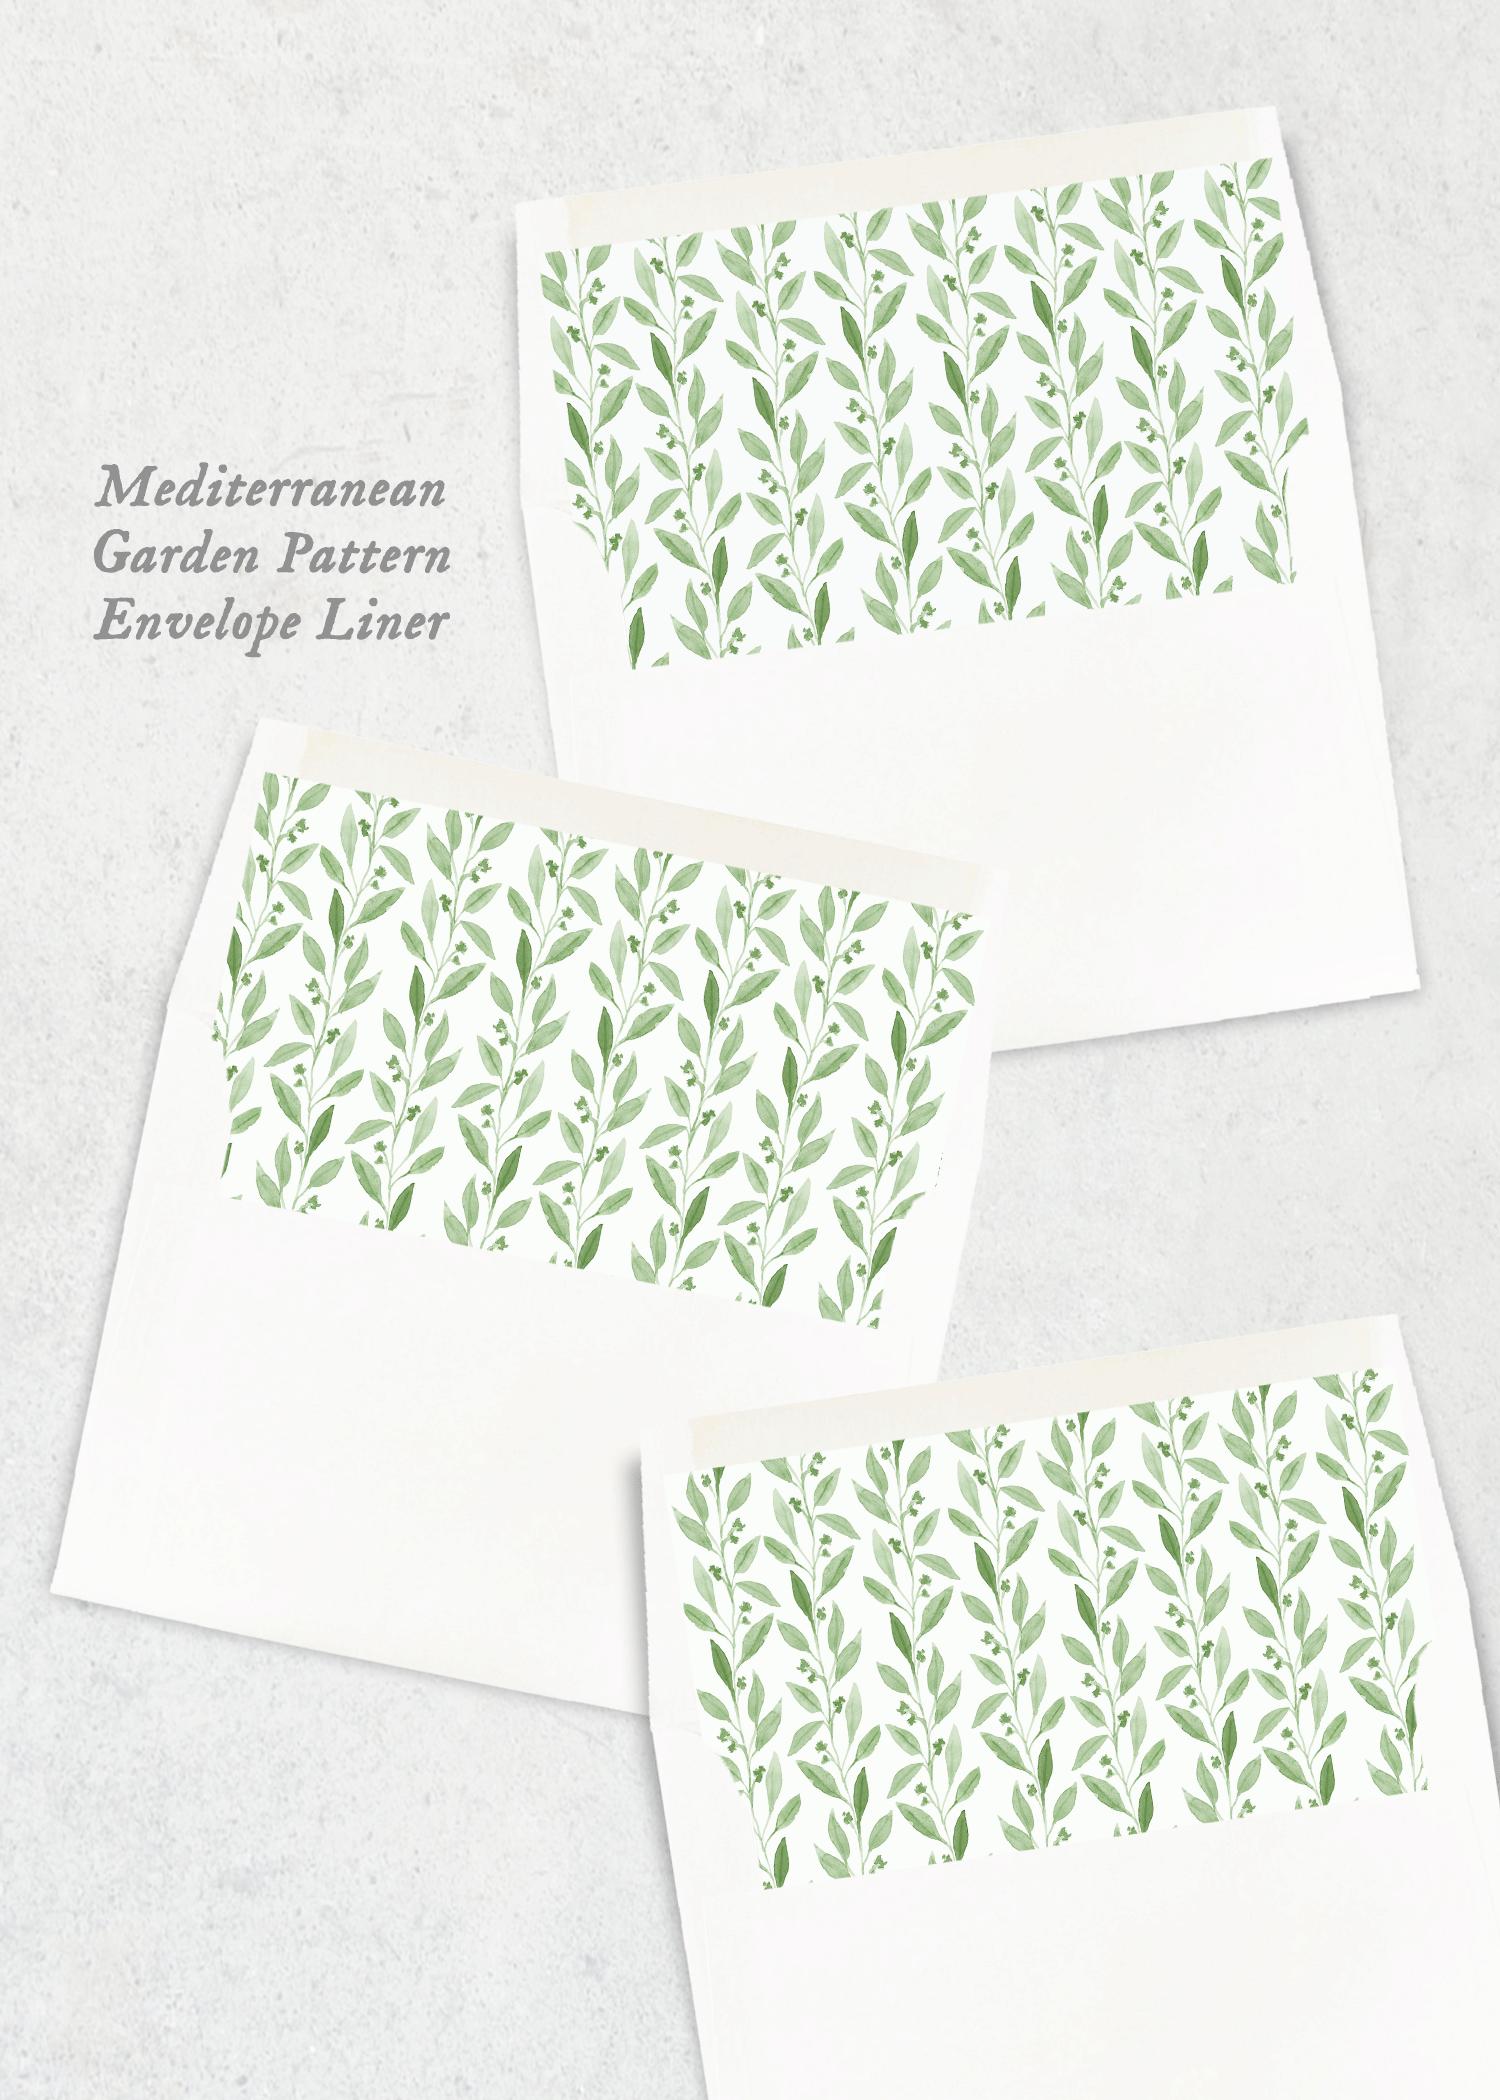 MG-envelope-liner-artwork.png